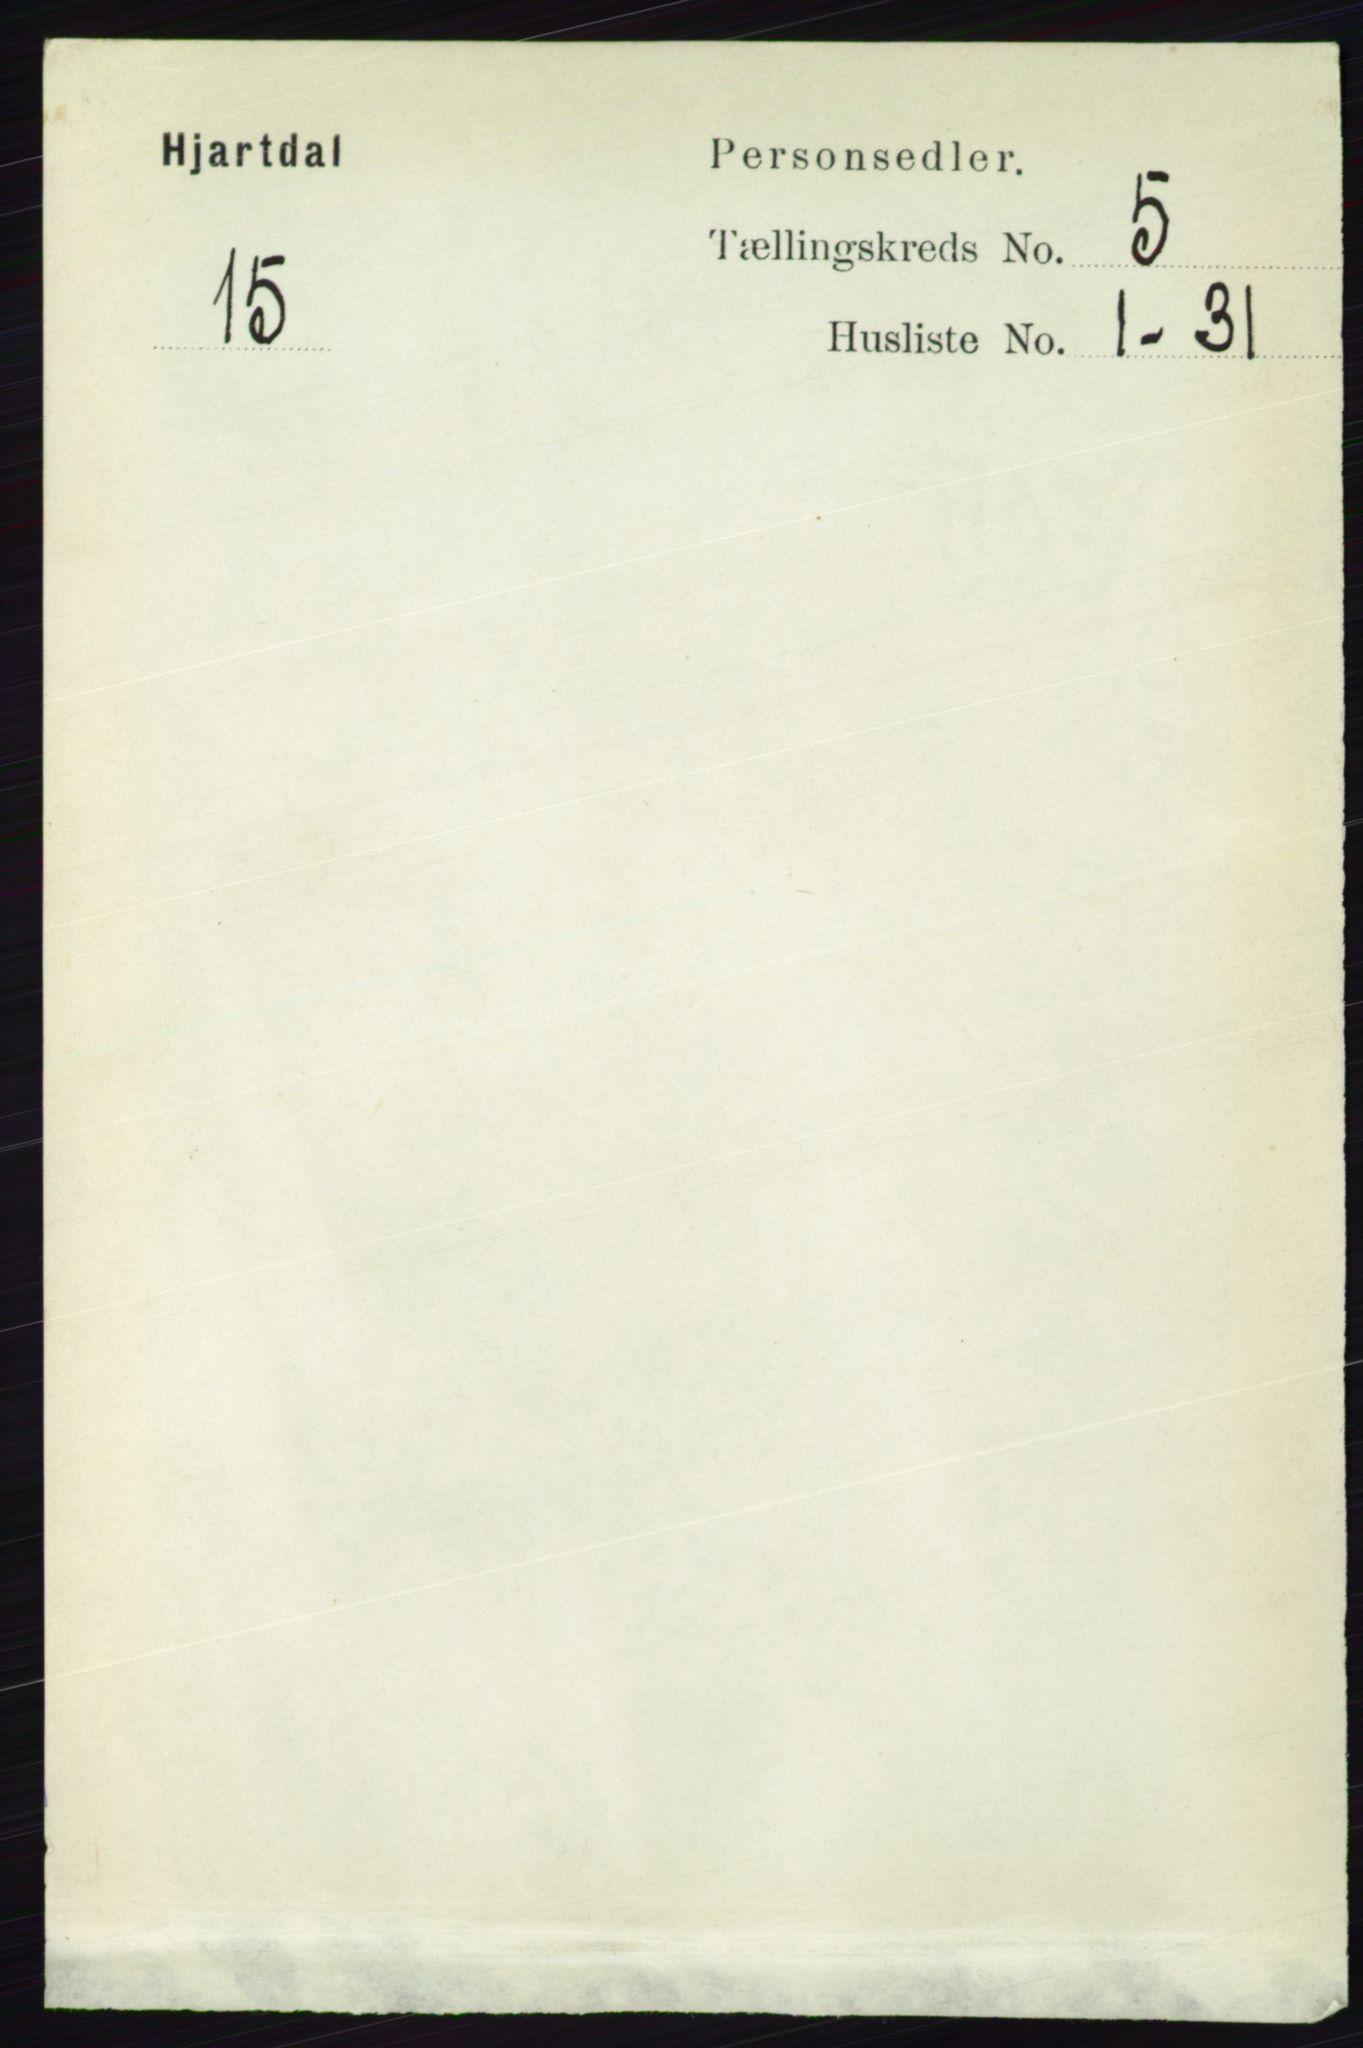 RA, Folketelling 1891 for 0827 Hjartdal herred, 1891, s. 1809